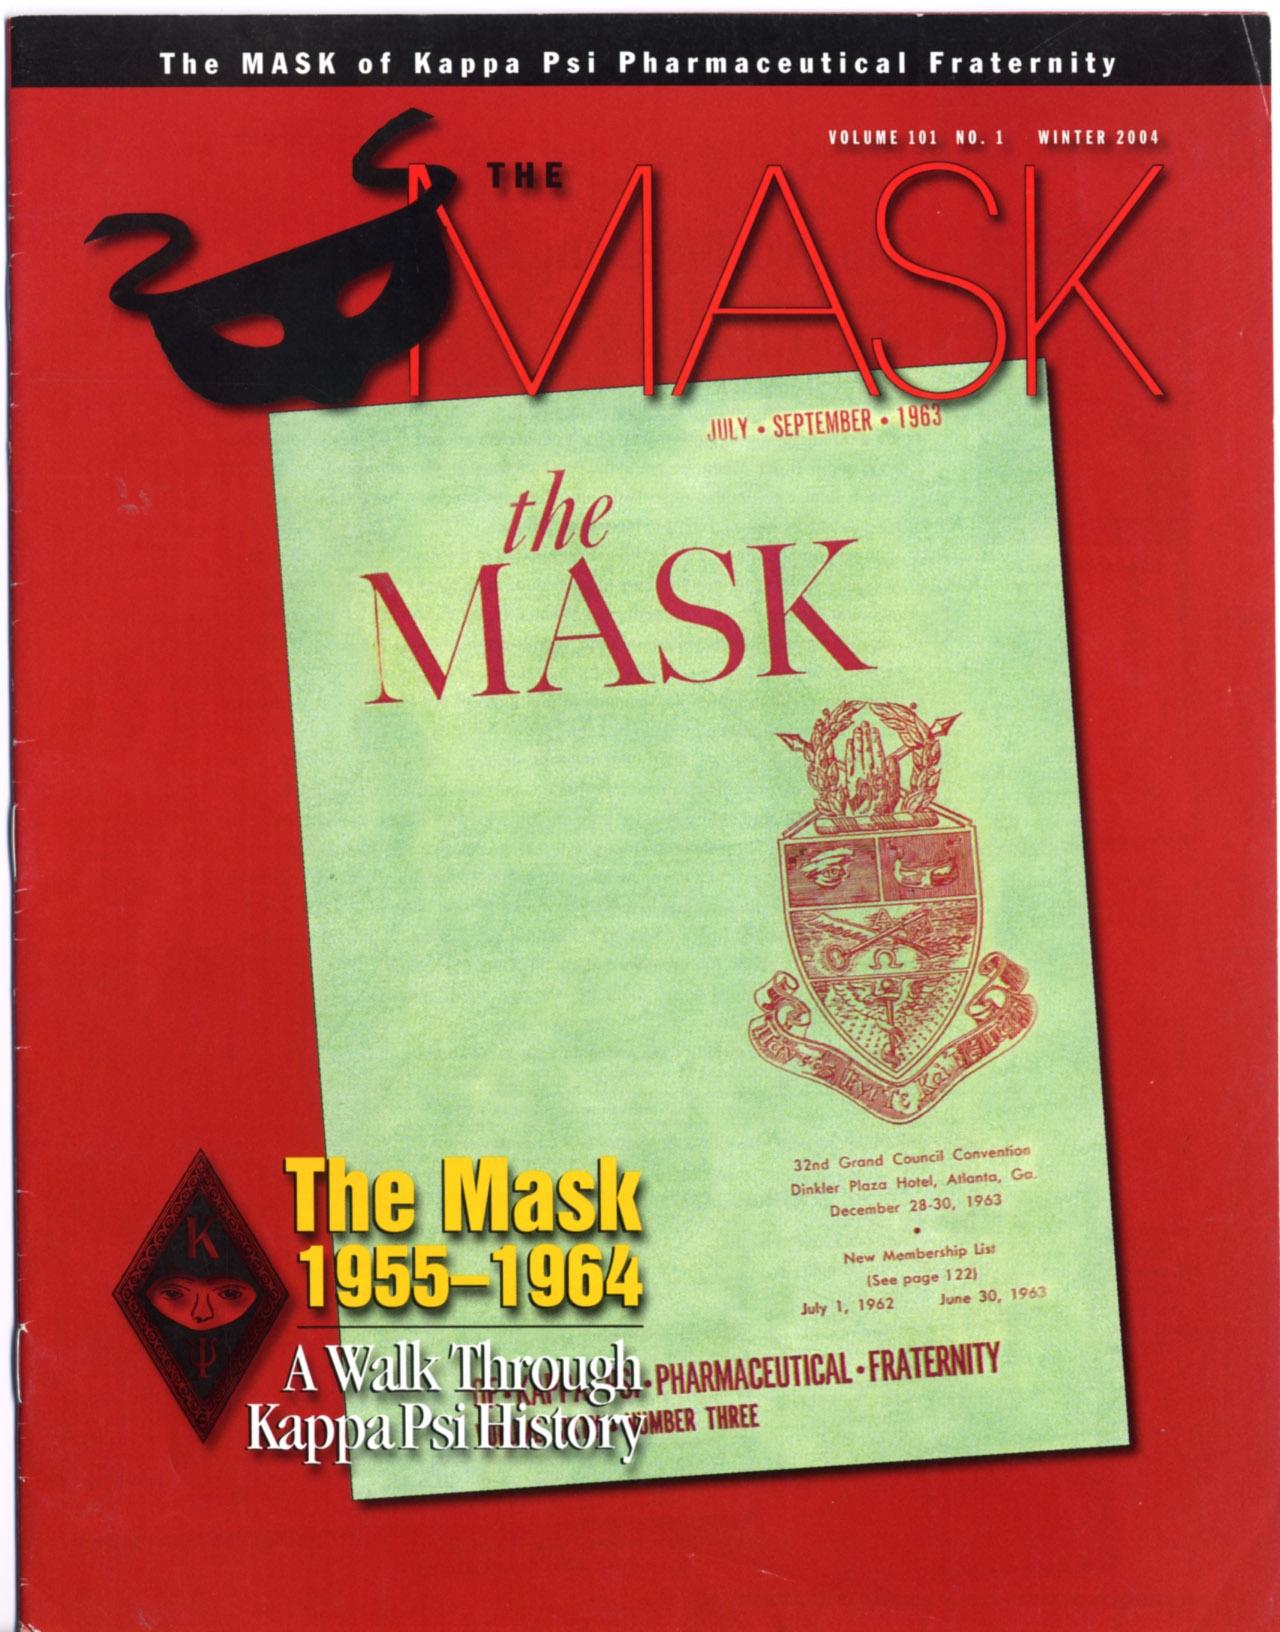 mask_cover_101-1_2004_win.jpg